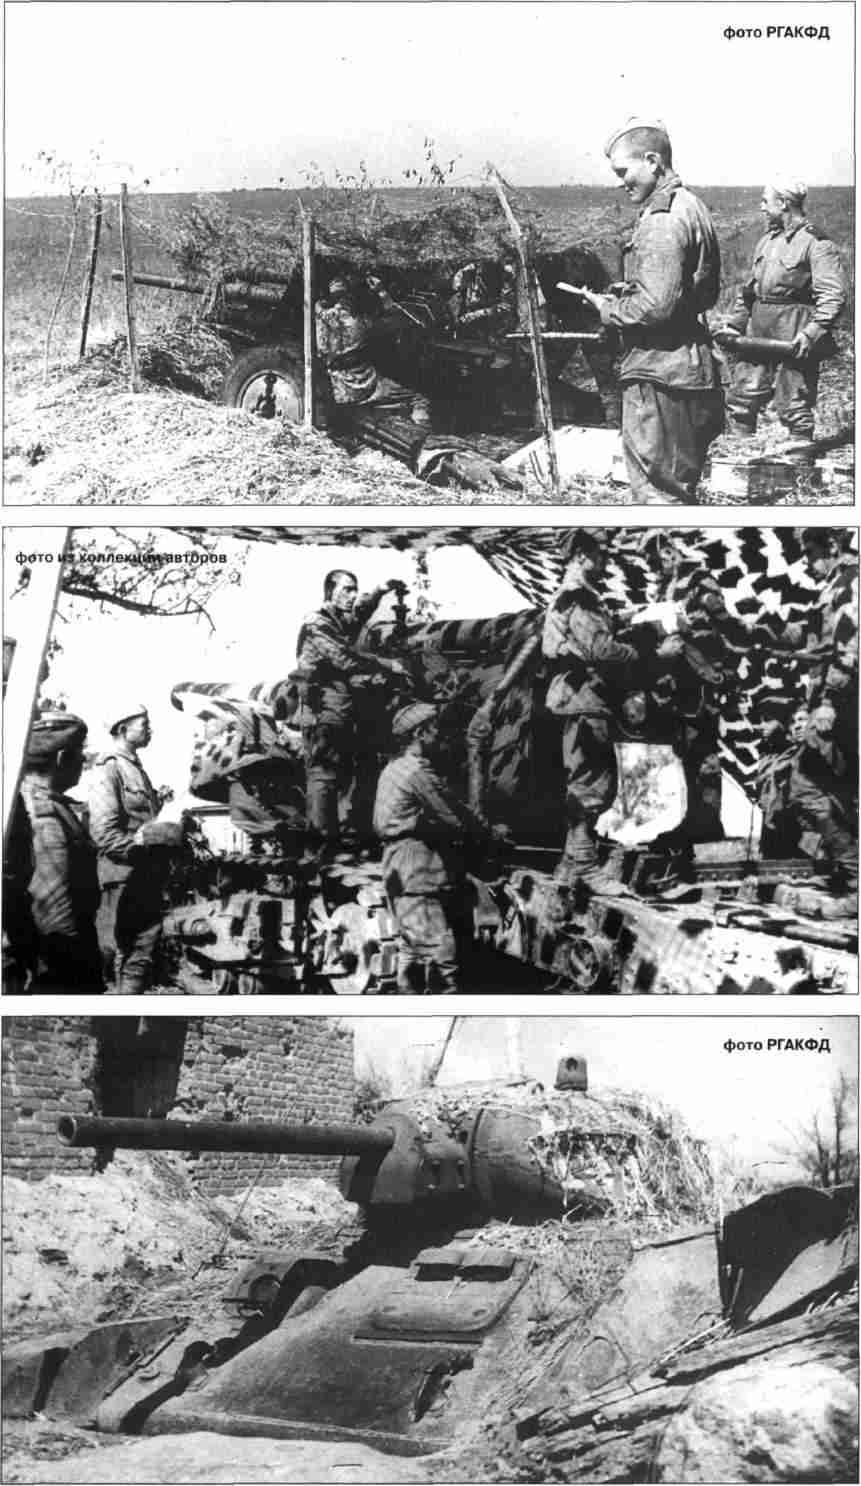 Верхний снимок— Расчёт орудия ЗИС-22 сержанта Филиппова готовится встретить немецкие танки.